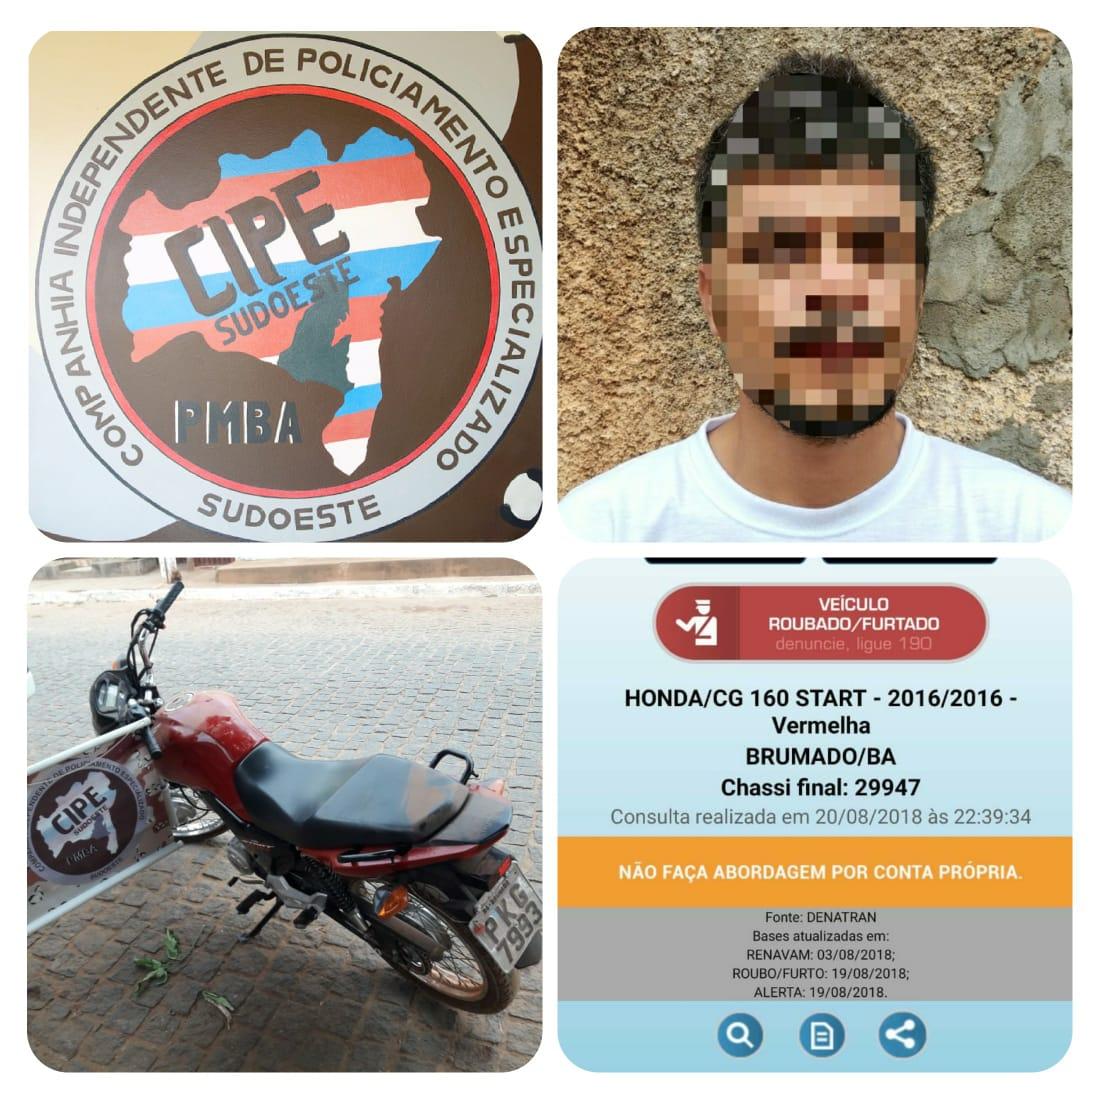 Motocicleta com restrição de roubo e placa de Brumado é recuperada pela CIPE Sudoeste em Caculé